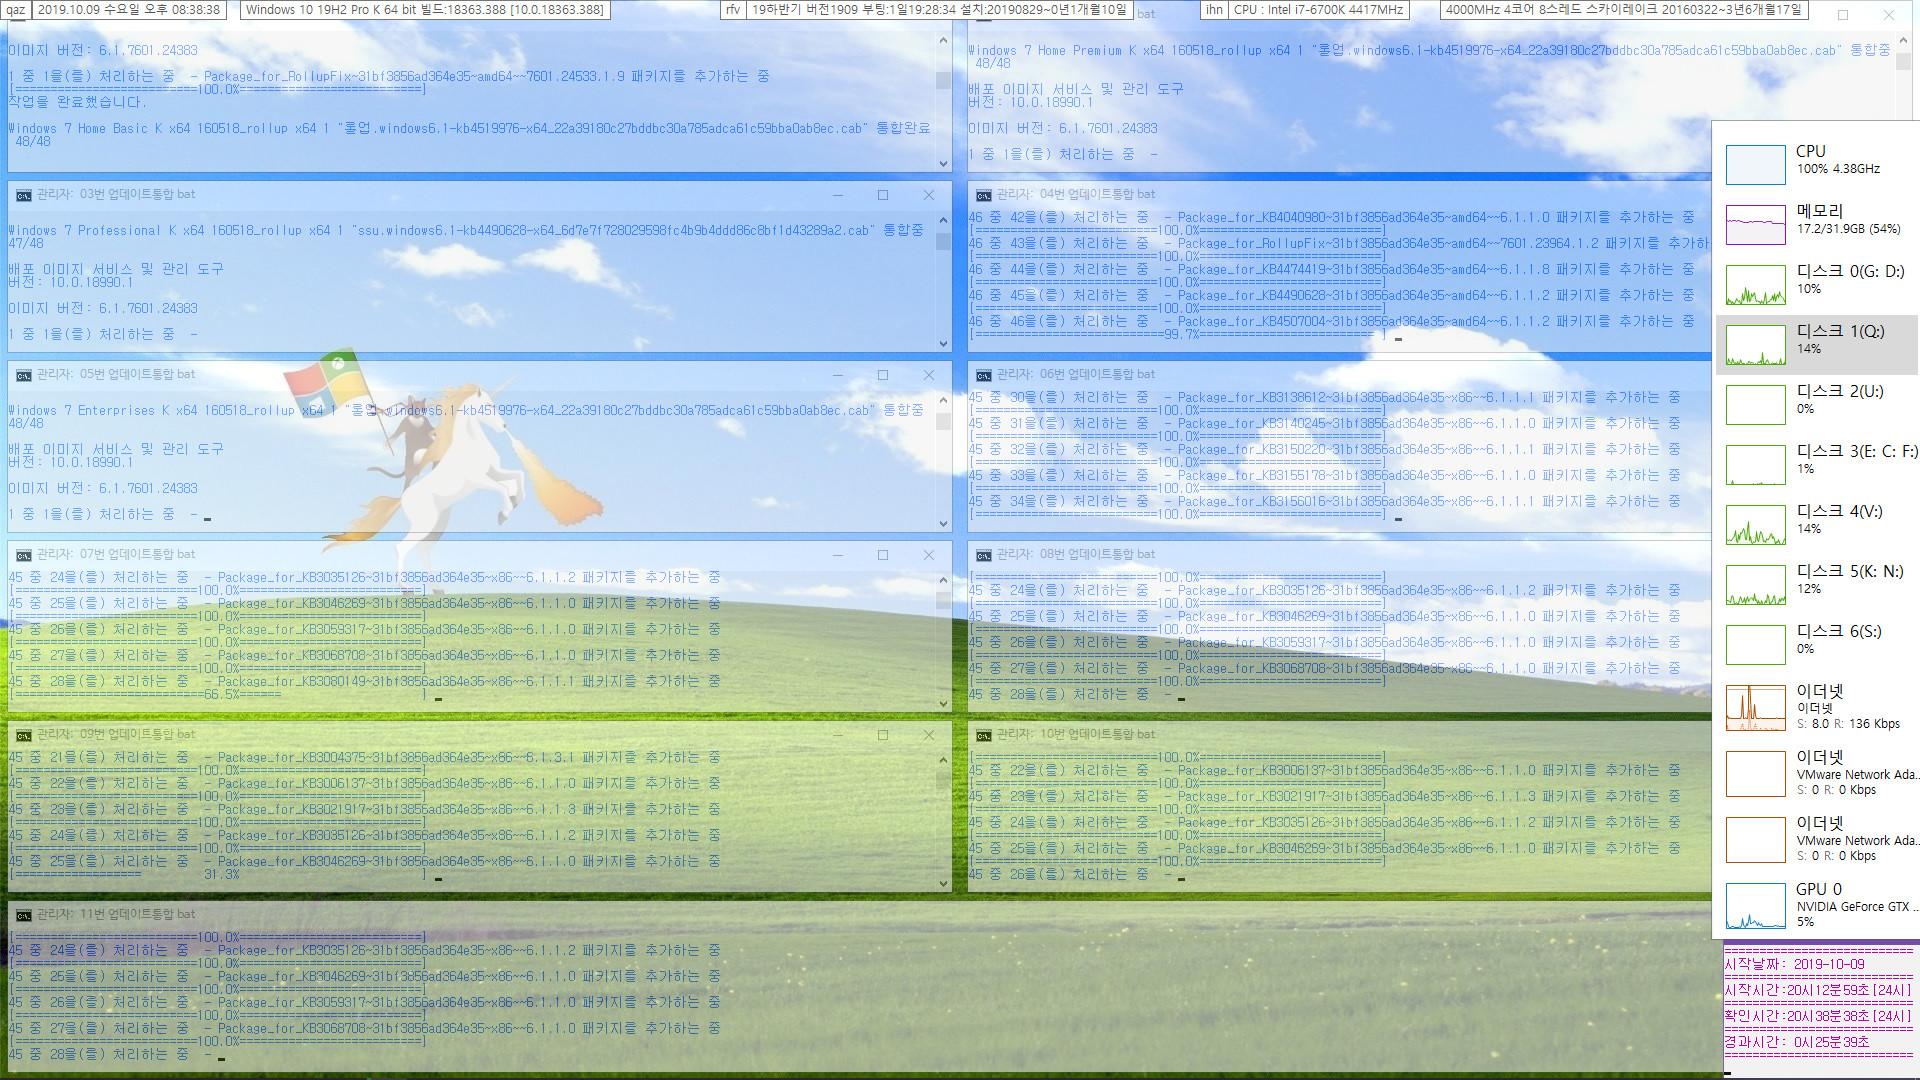 2019년 10월 9일 정기 업데이트 나왔네요 - Windows 7 롤업 업데이트 KB4519976 (OS 빌드 7601.24533) [2019-10-08 일자] IE10 통합중 입니다 2019-10-09_203838.jpg